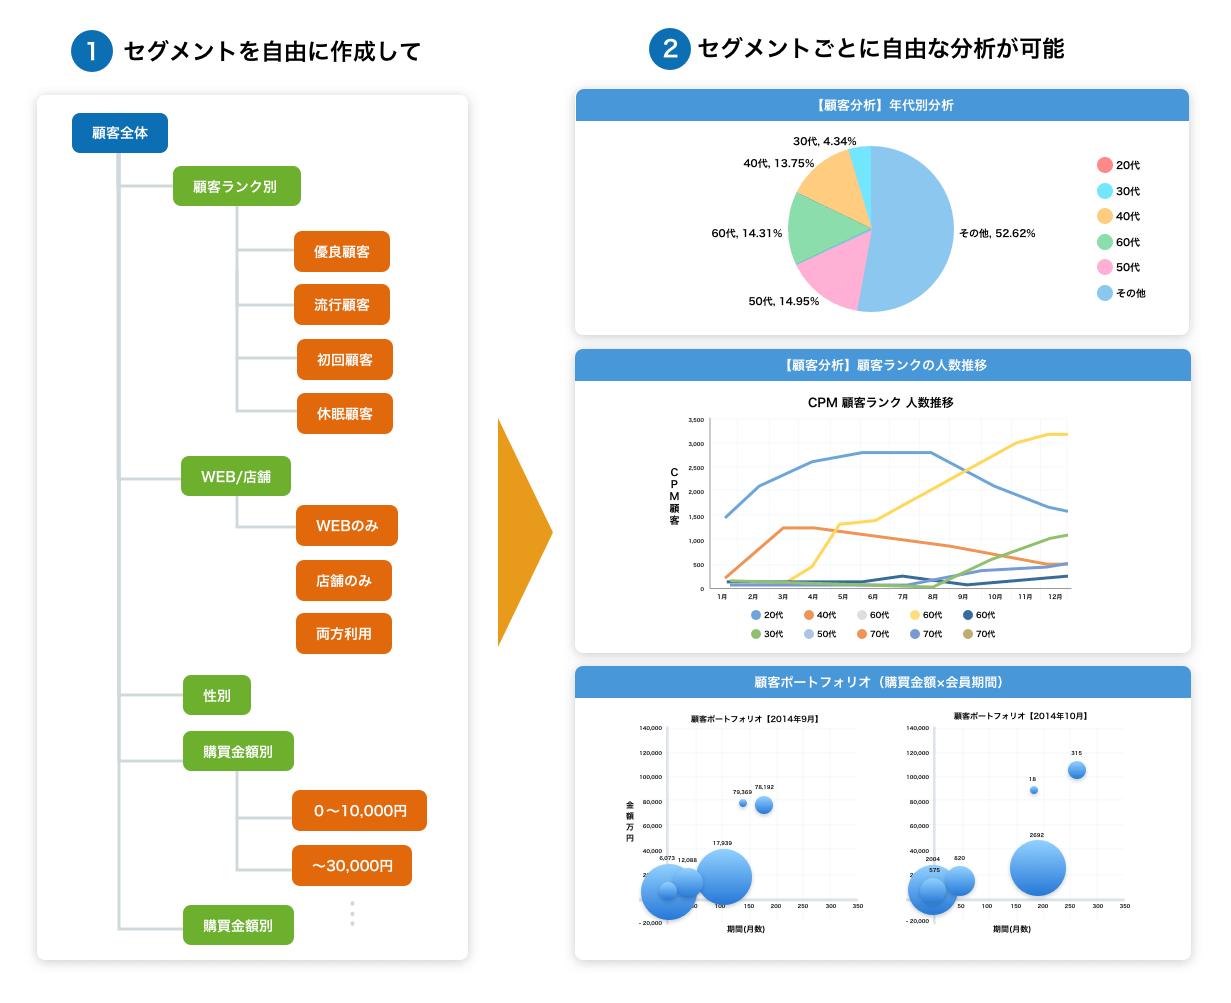 セグメントを自由に作成して分析ができる様子を表した表